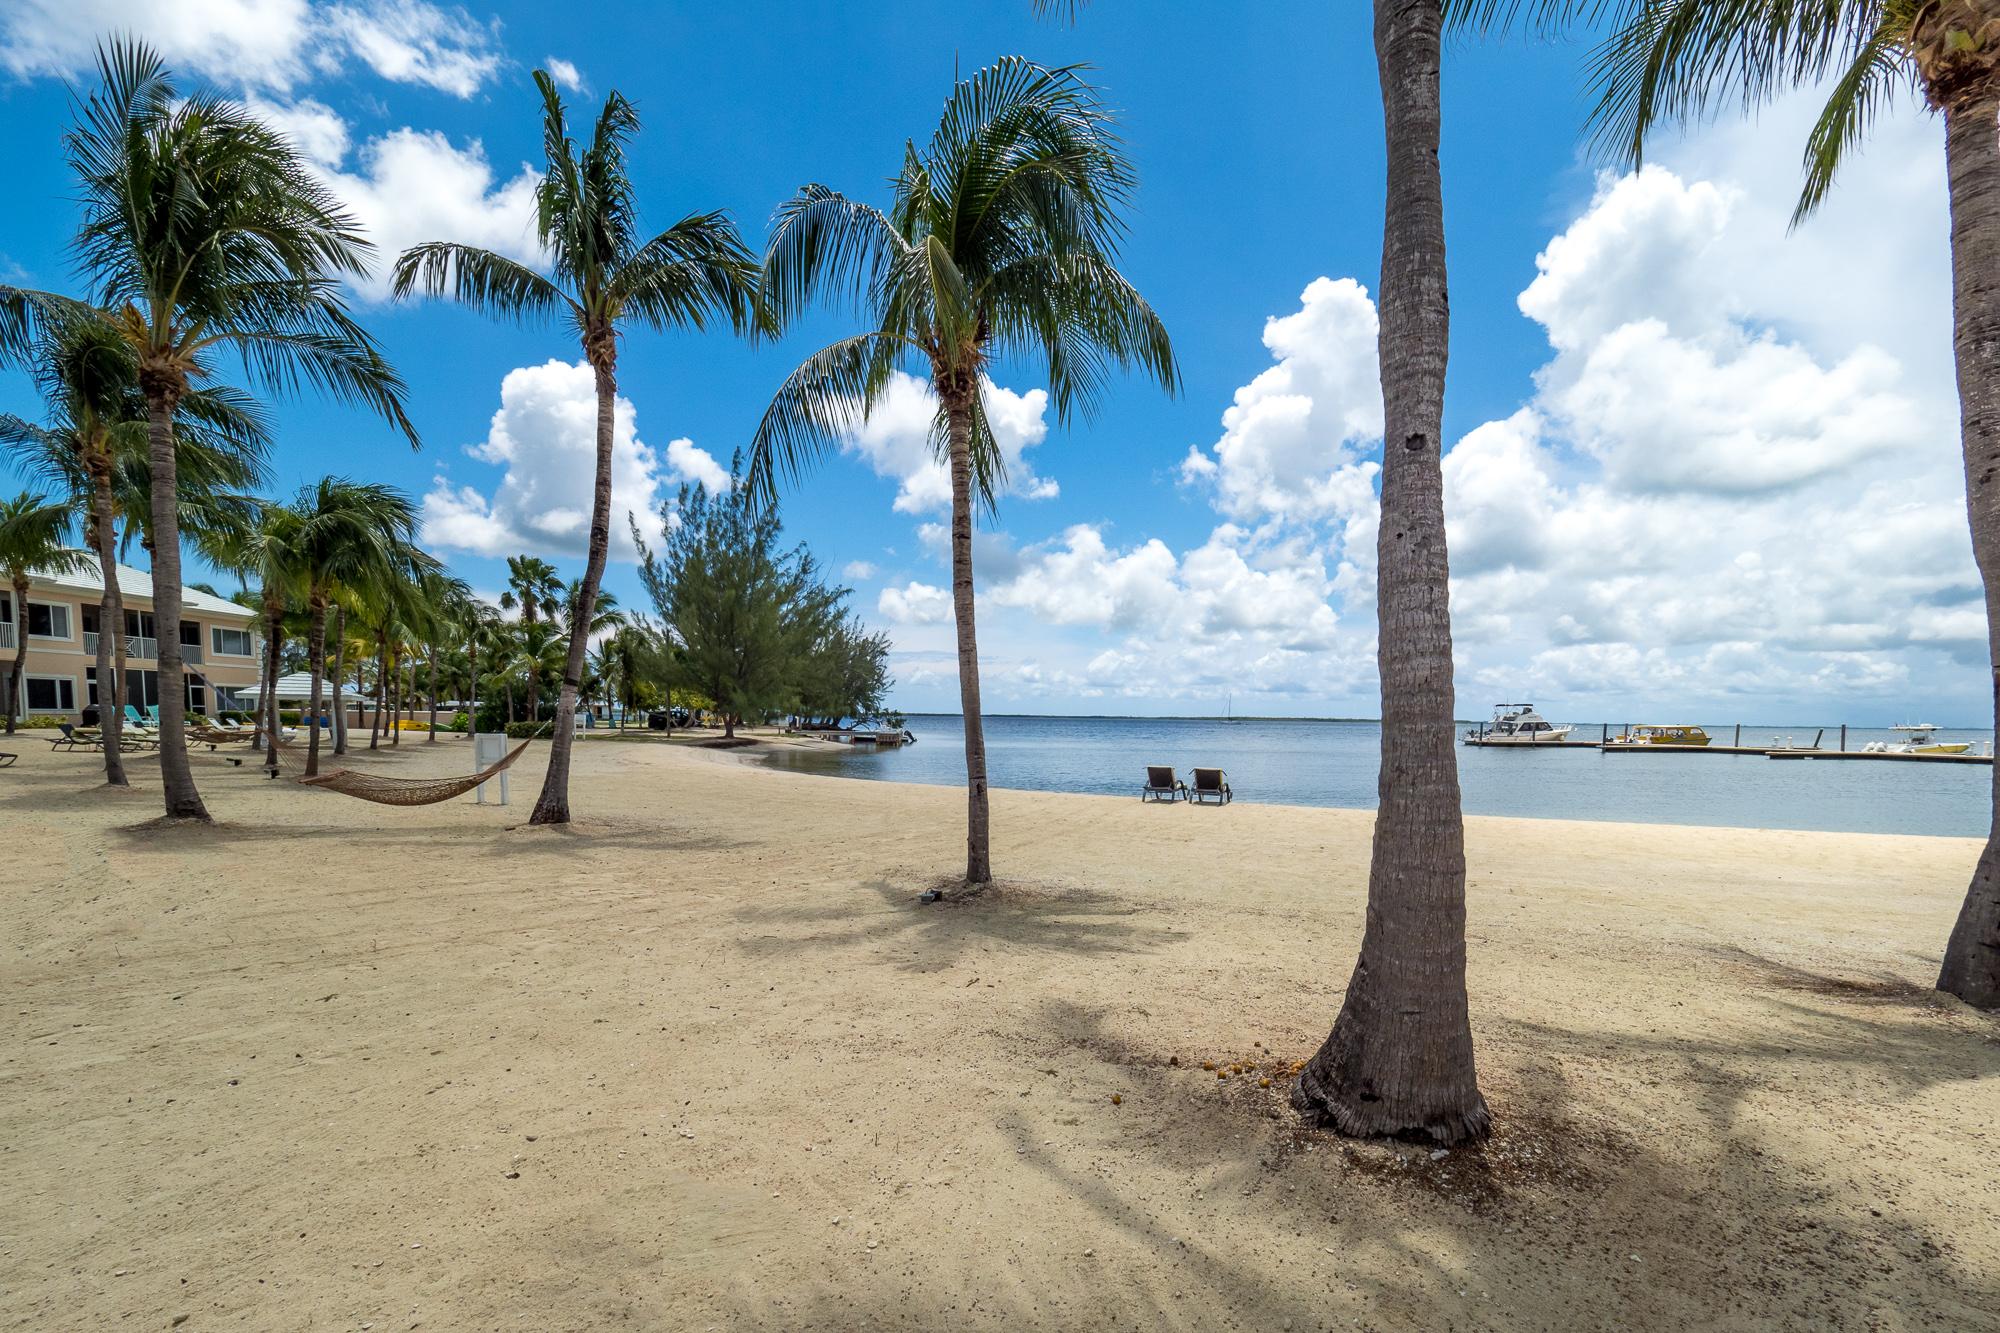 Kaibo Kai Beach